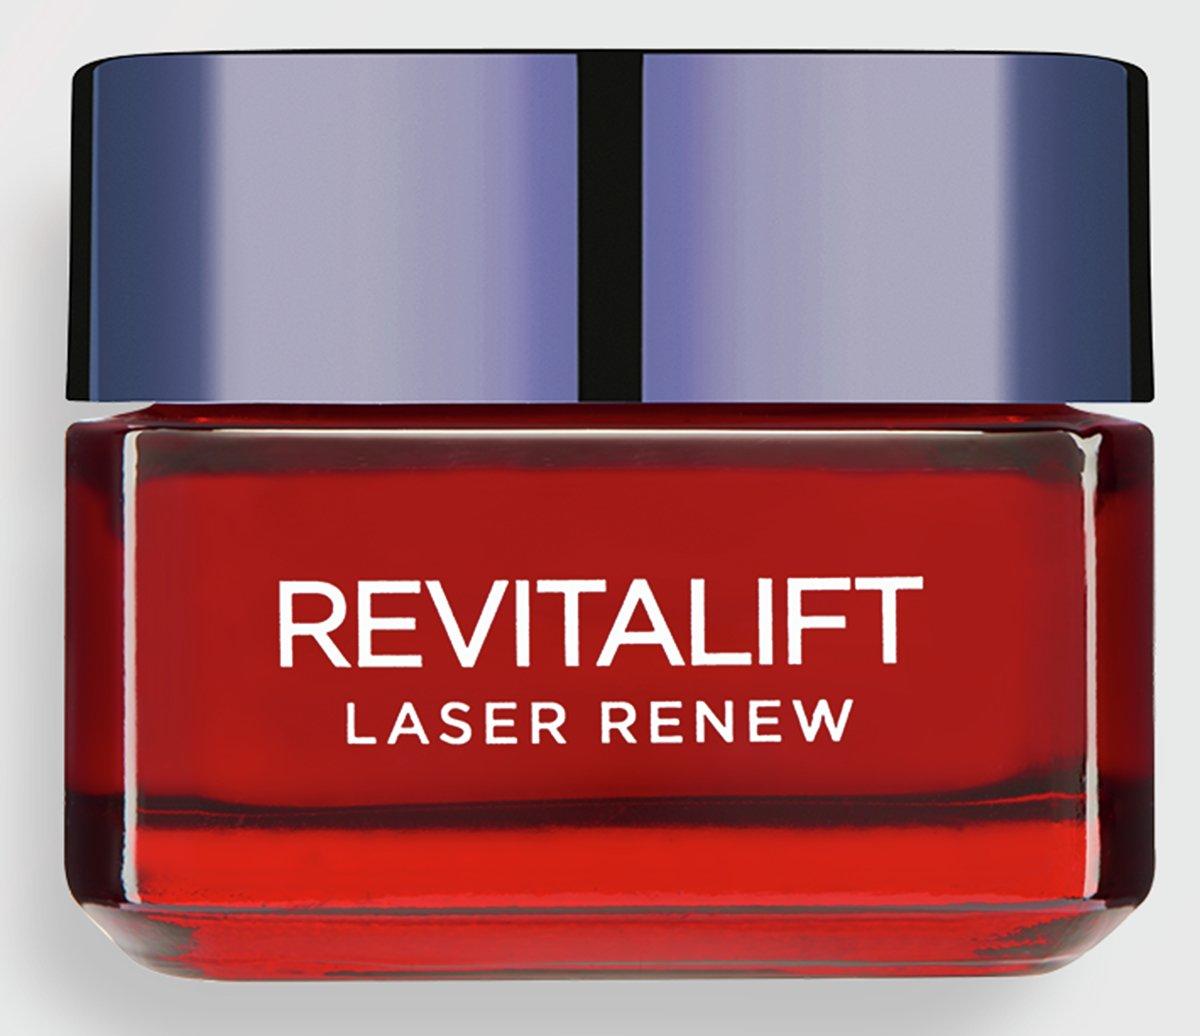 L'Oreal Paris Revitalift Laser